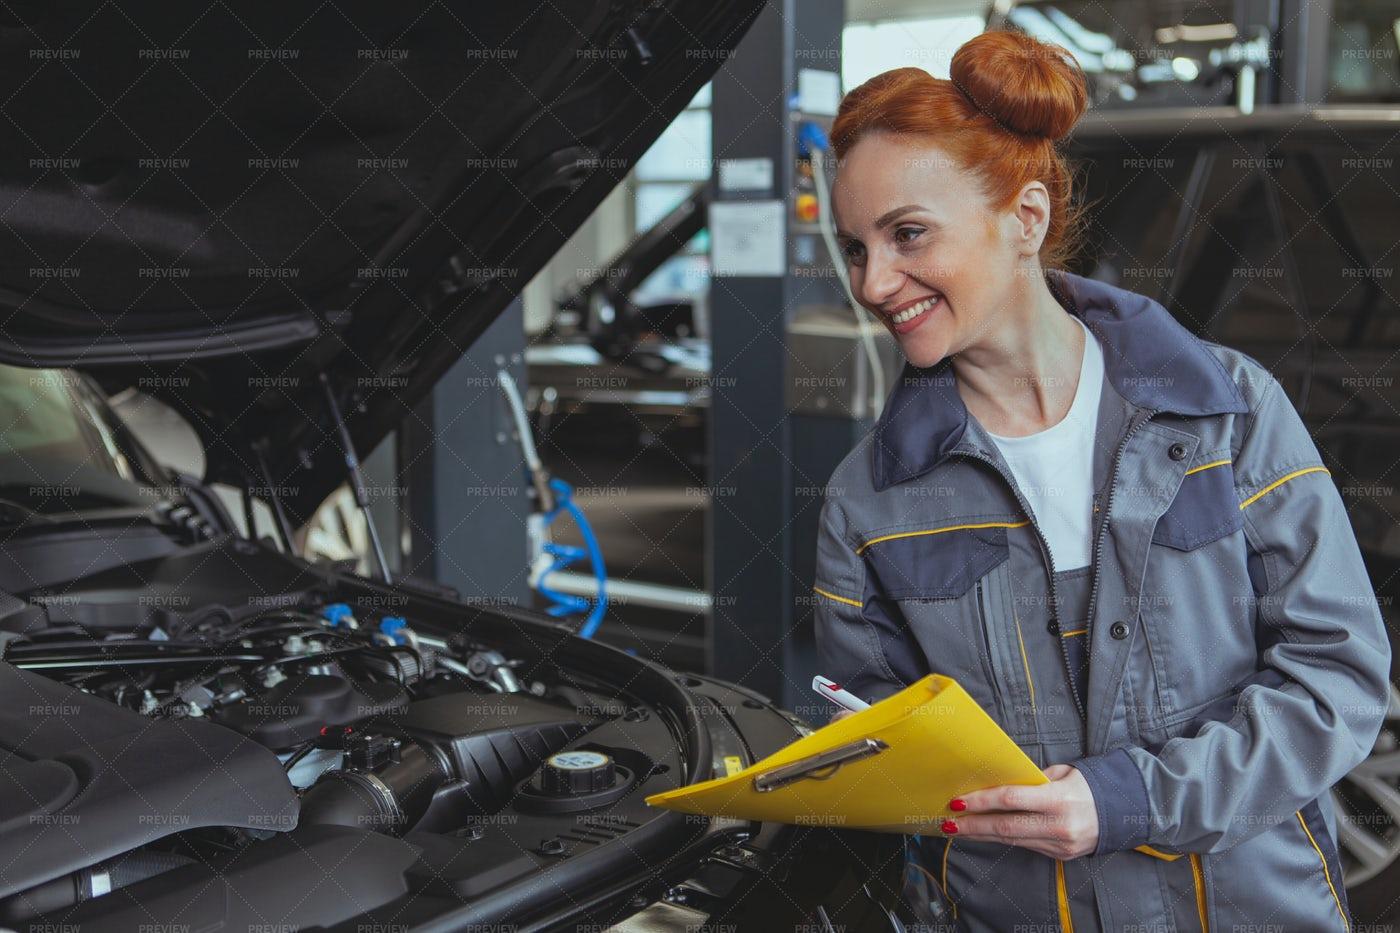 Servicing A Car: Stock Photos